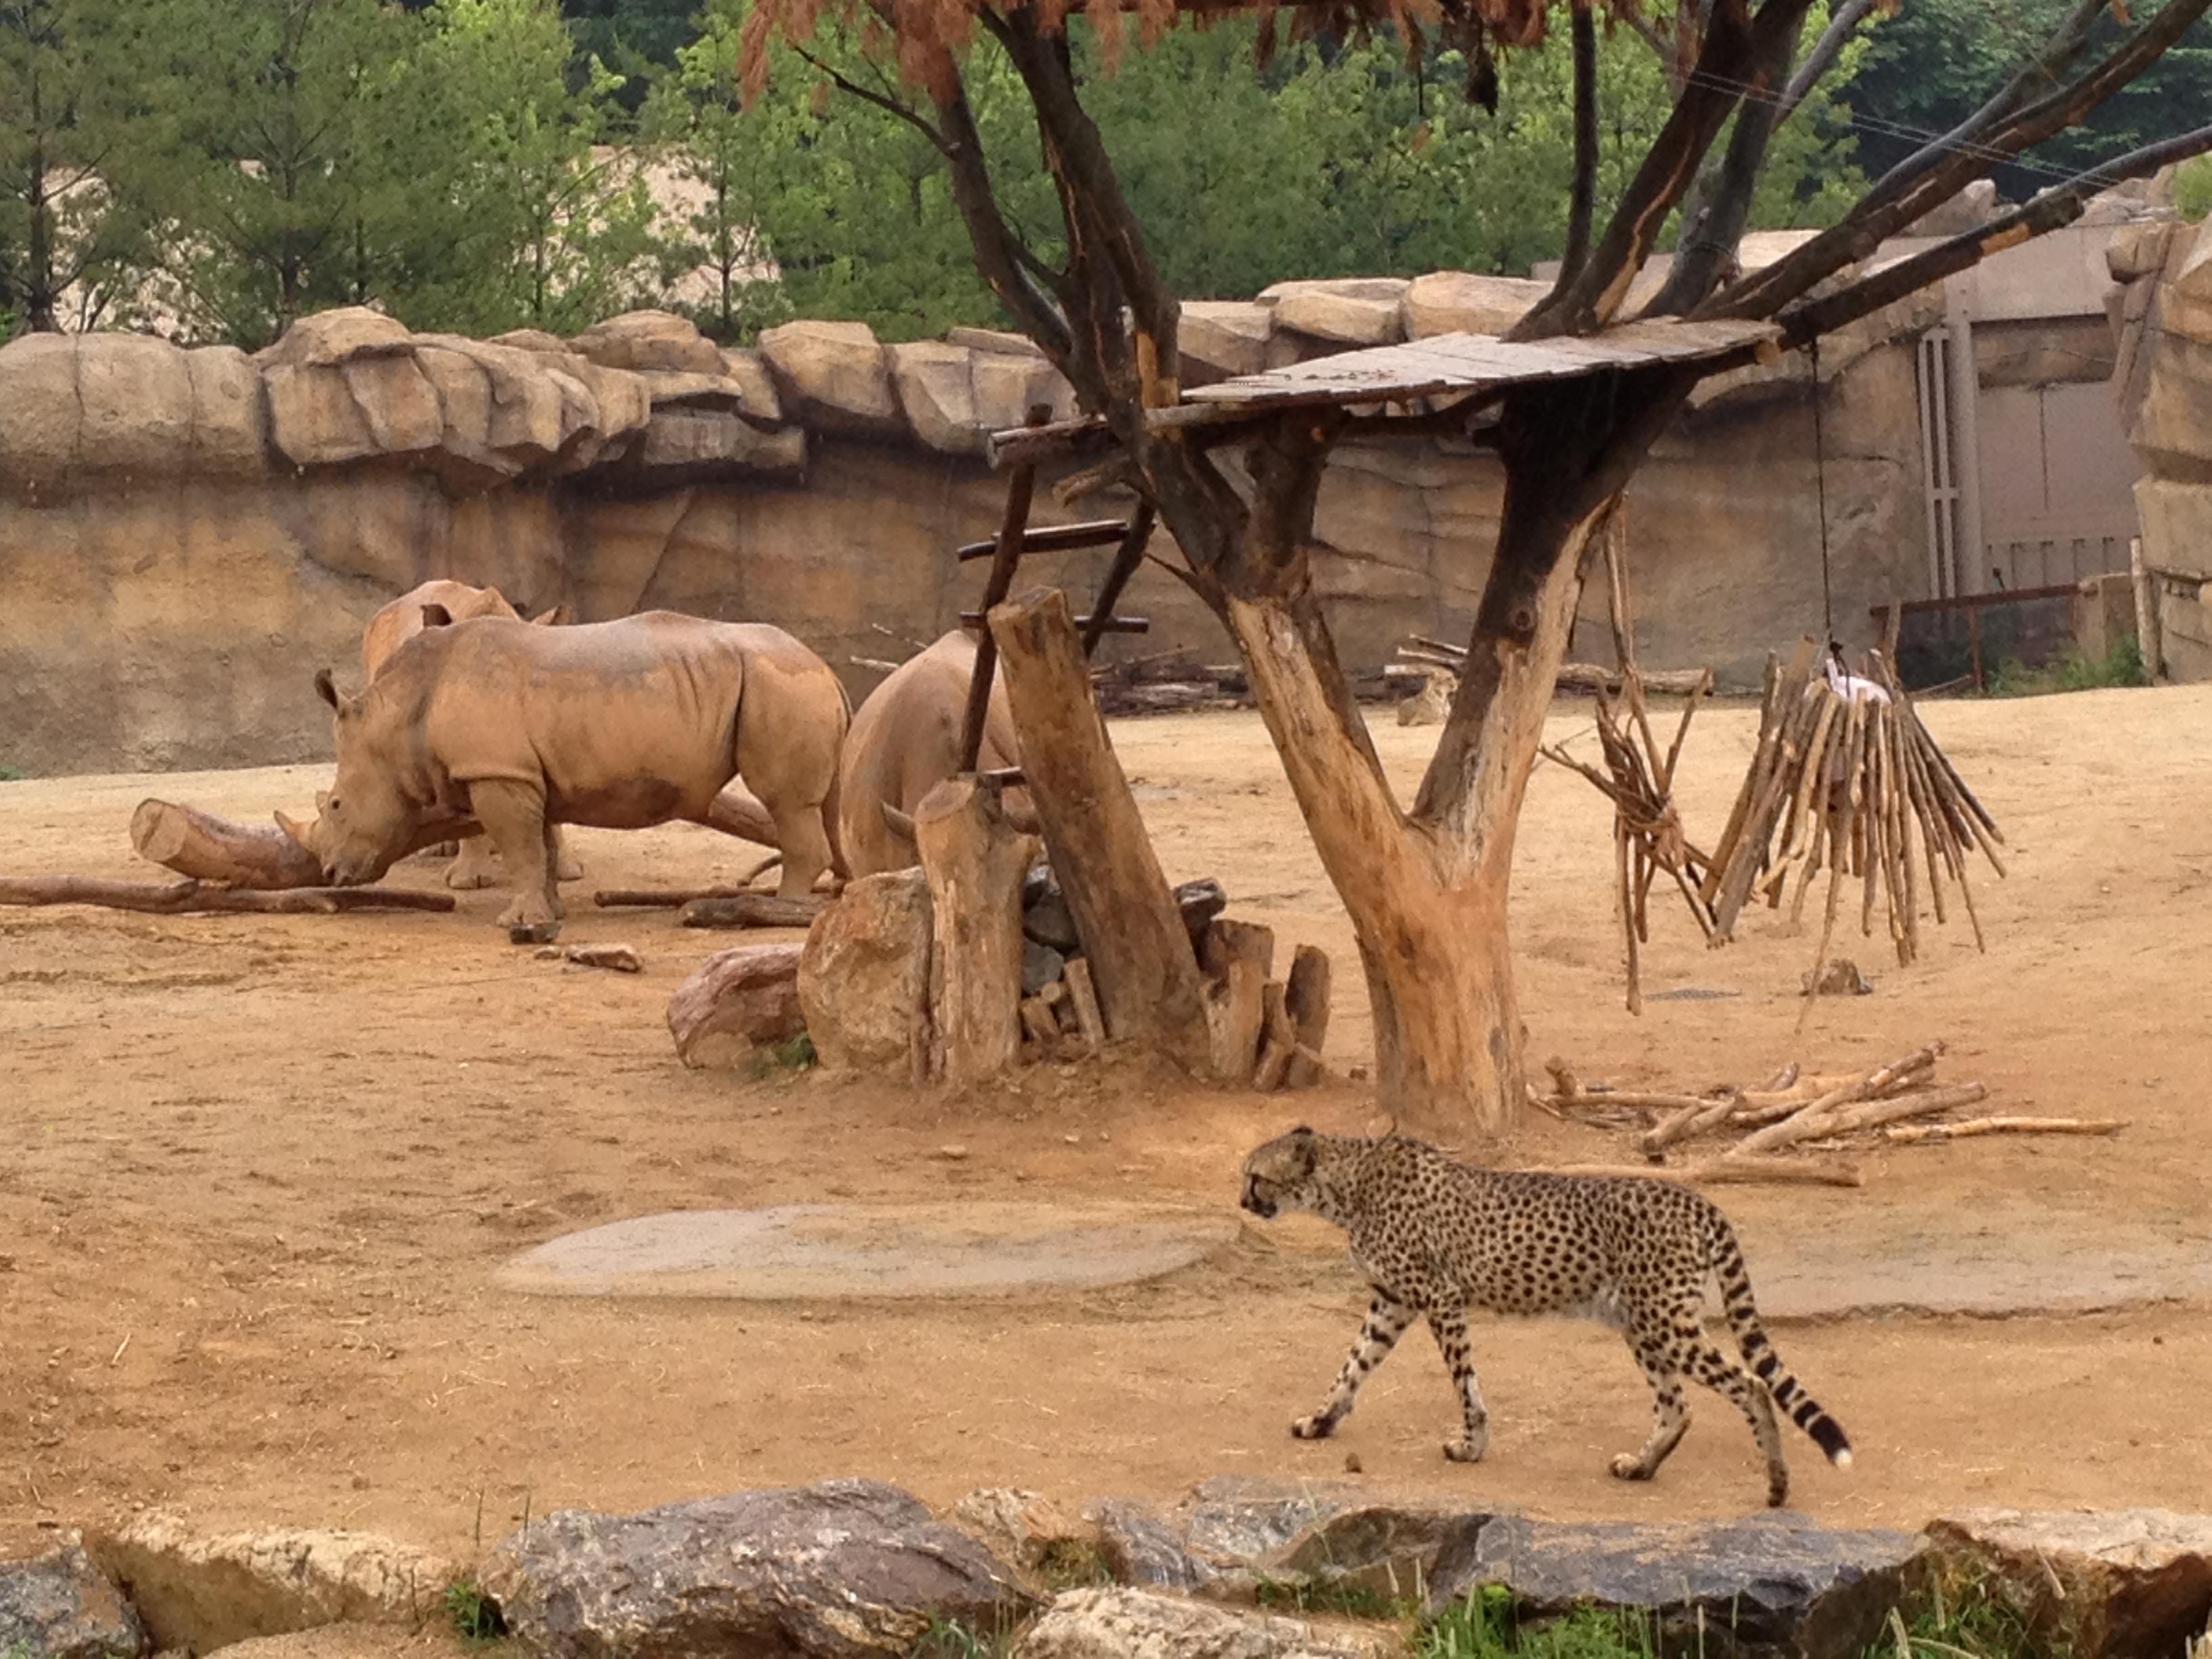 爱宝乐园 我们的行程从动物园